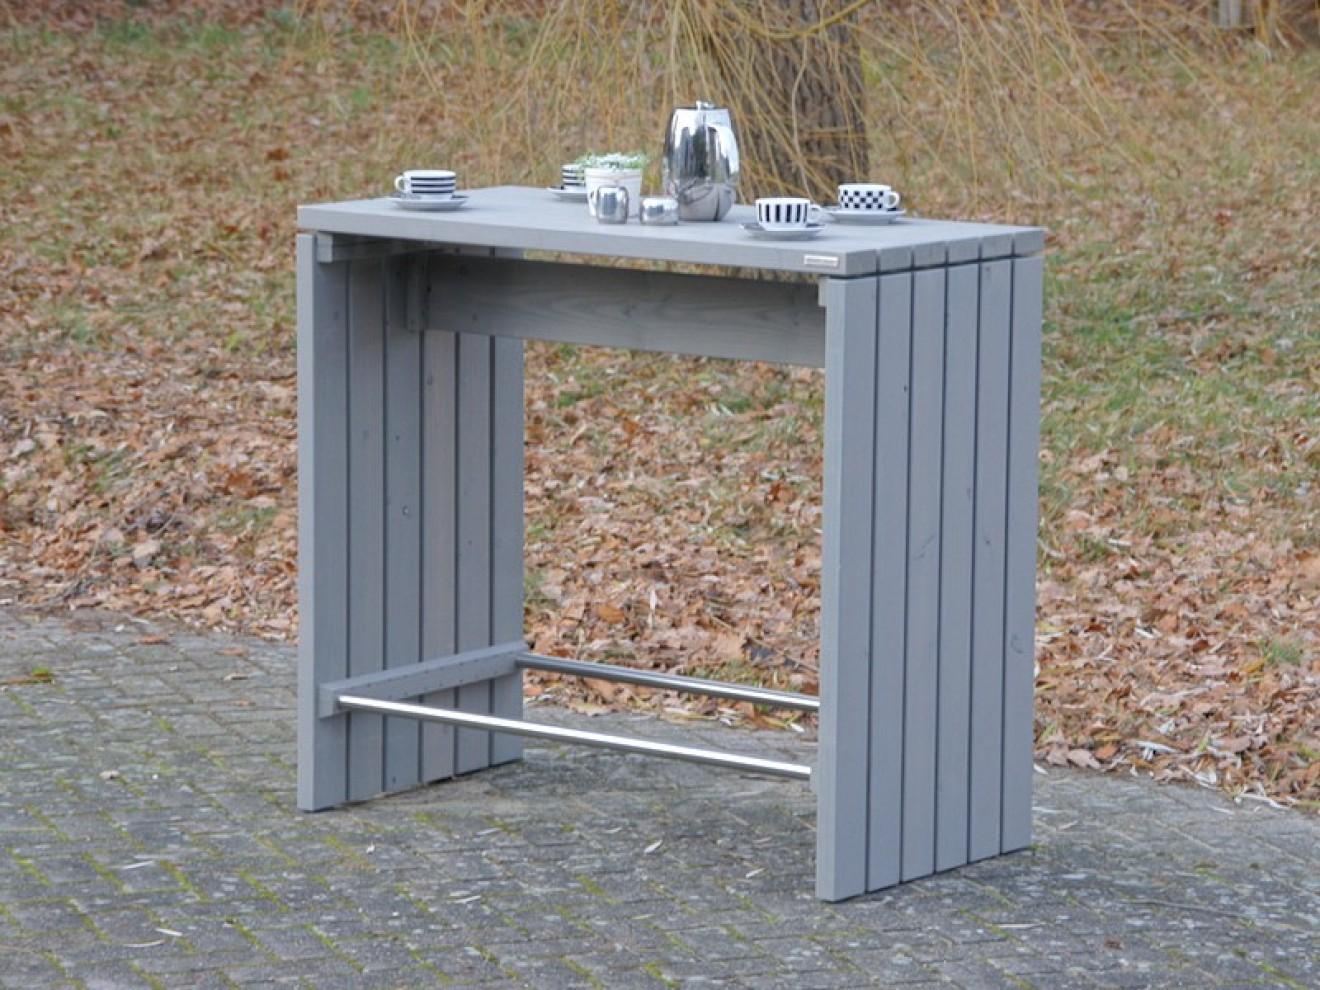 bartisch holz cheap oben bartisch holz praktische kchen fr das kleine bud psentiert vom. Black Bedroom Furniture Sets. Home Design Ideas